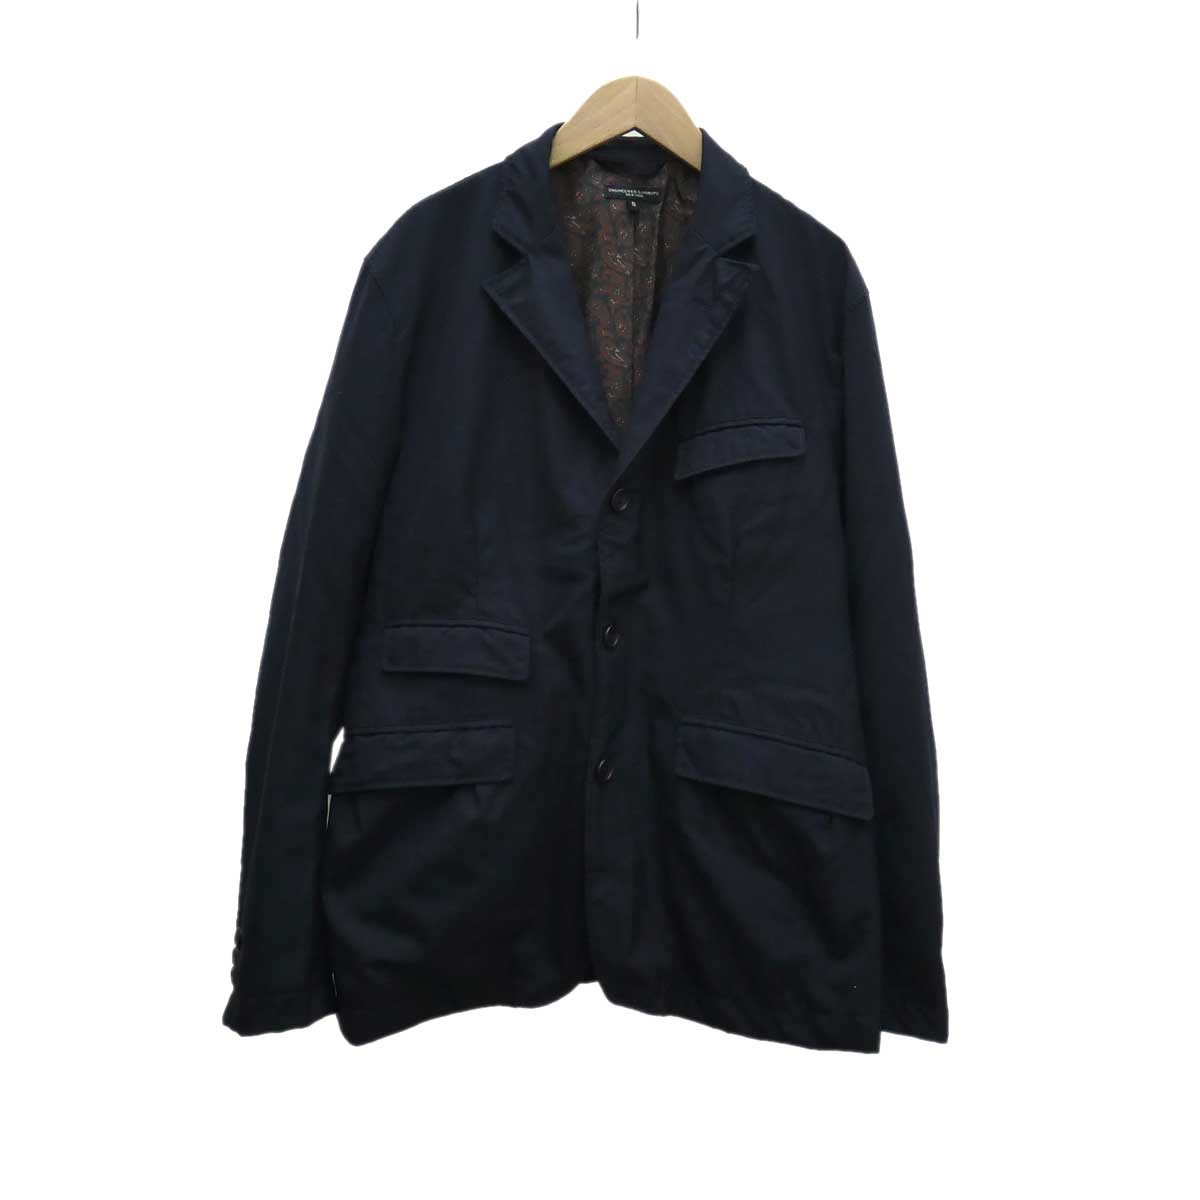 【中古】Engineered Garments ベッドフォードジャケット ネイビー サイズ:S 【291119】(エンジニアードガーメンツ)